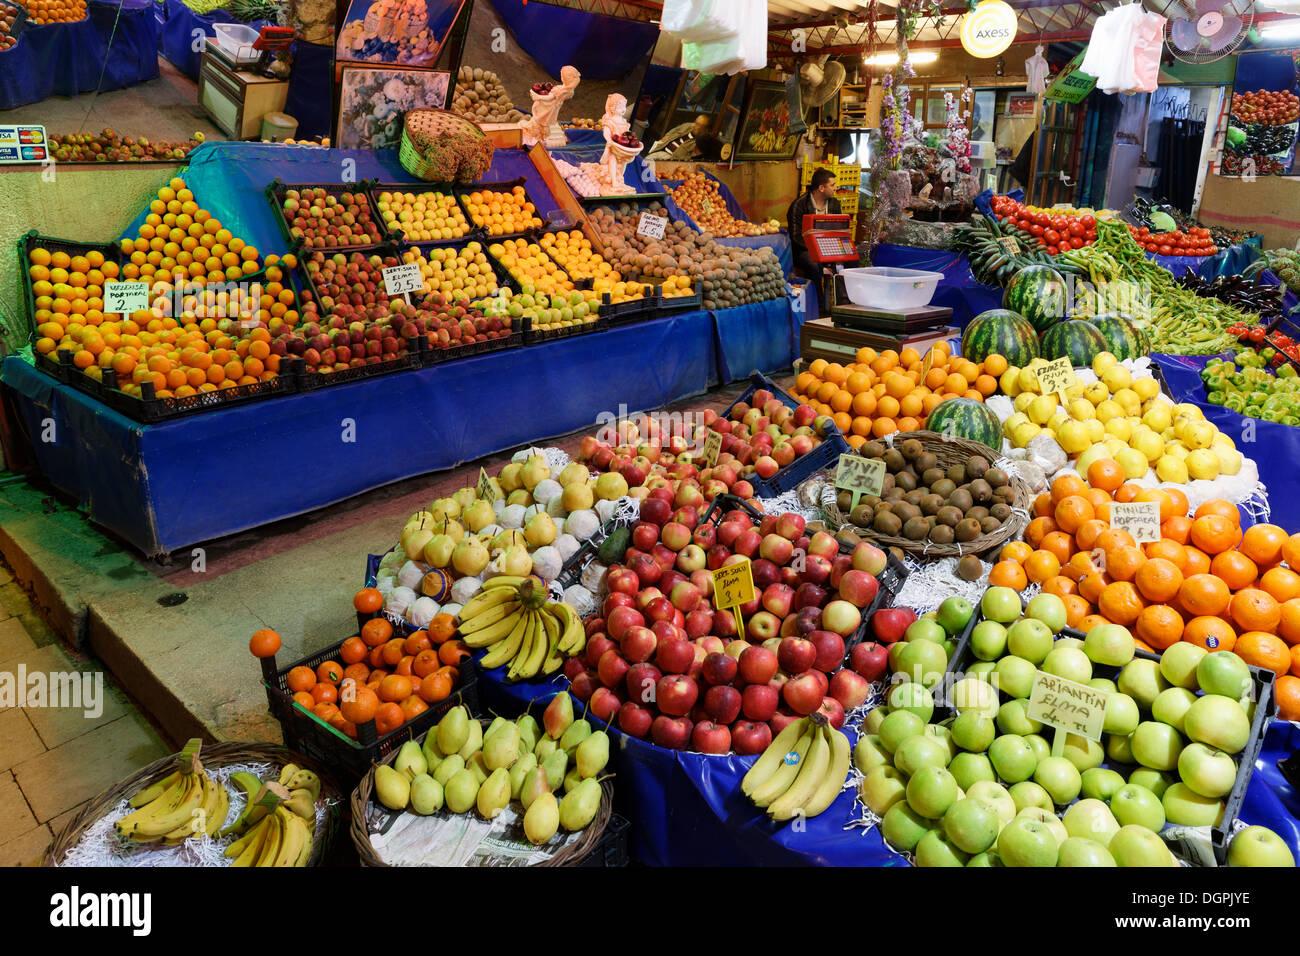 Fruit stall at the market, Ayvalik, Ägäisches Meer, Provinz Balikesir, Ägäis, Turkey - Stock Image